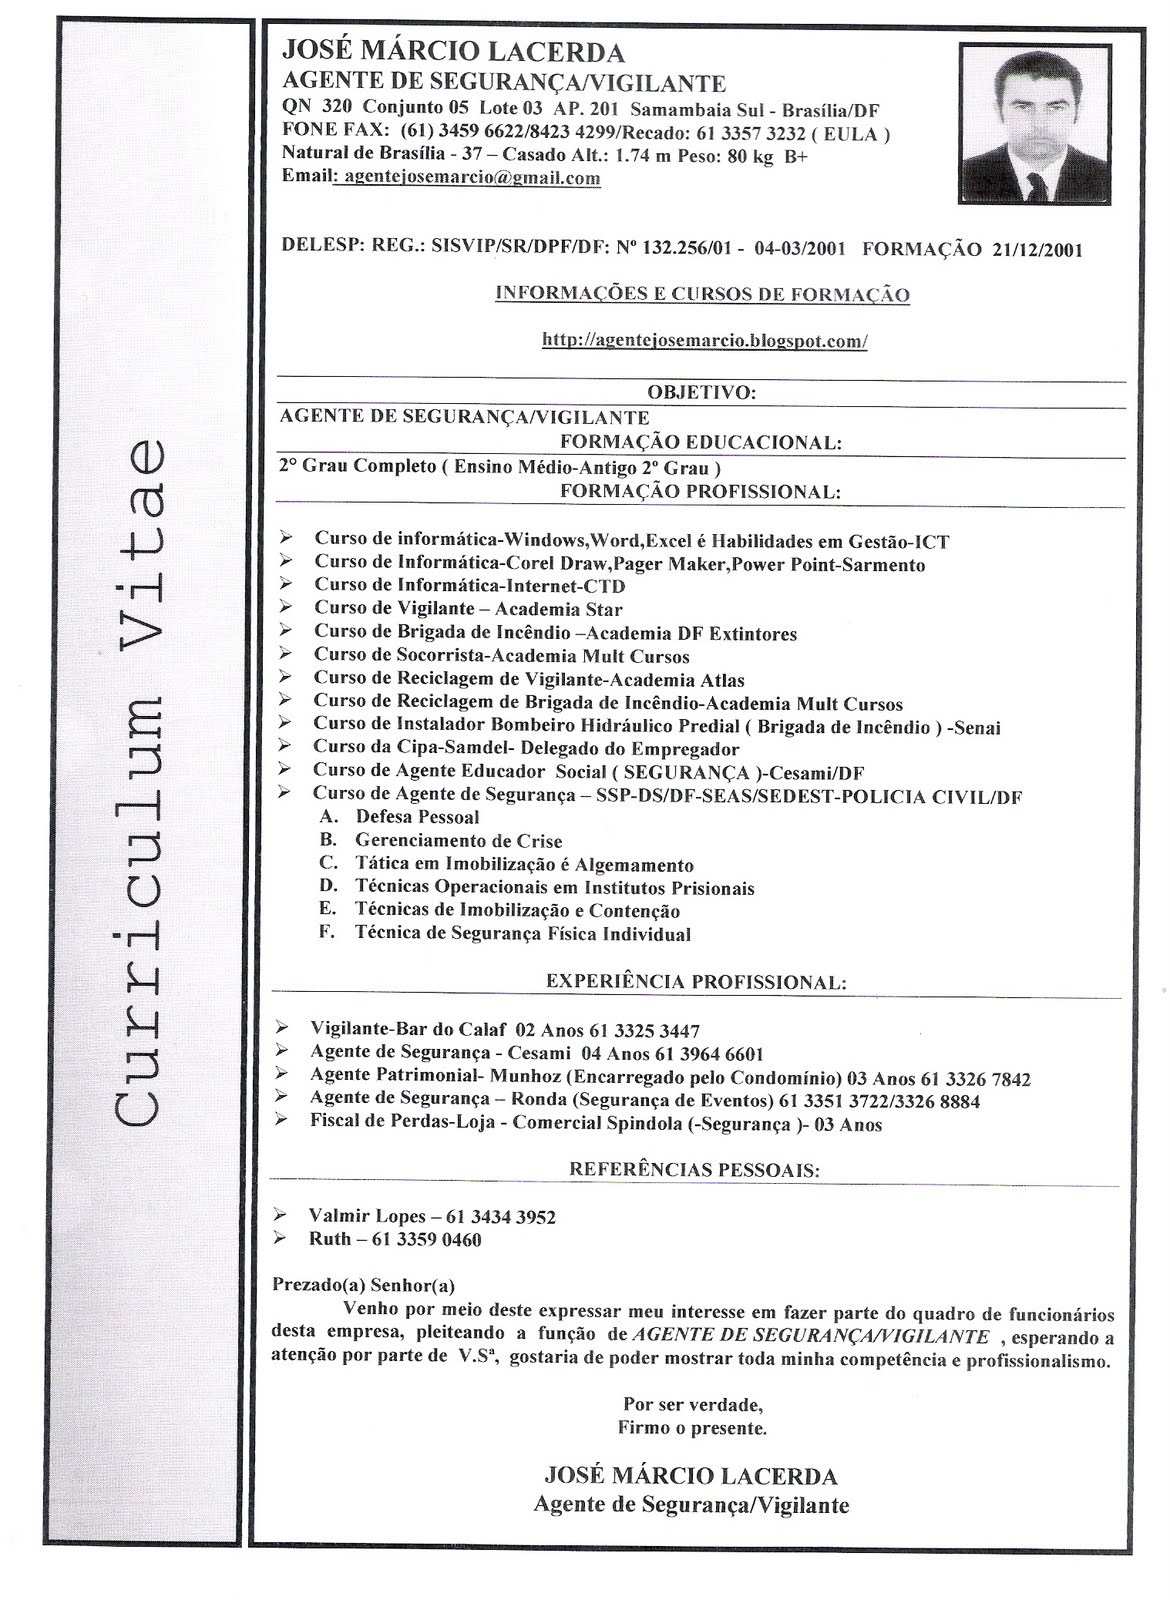 Great Curriculum Vitae Filetype Doc Photos Professional Resume